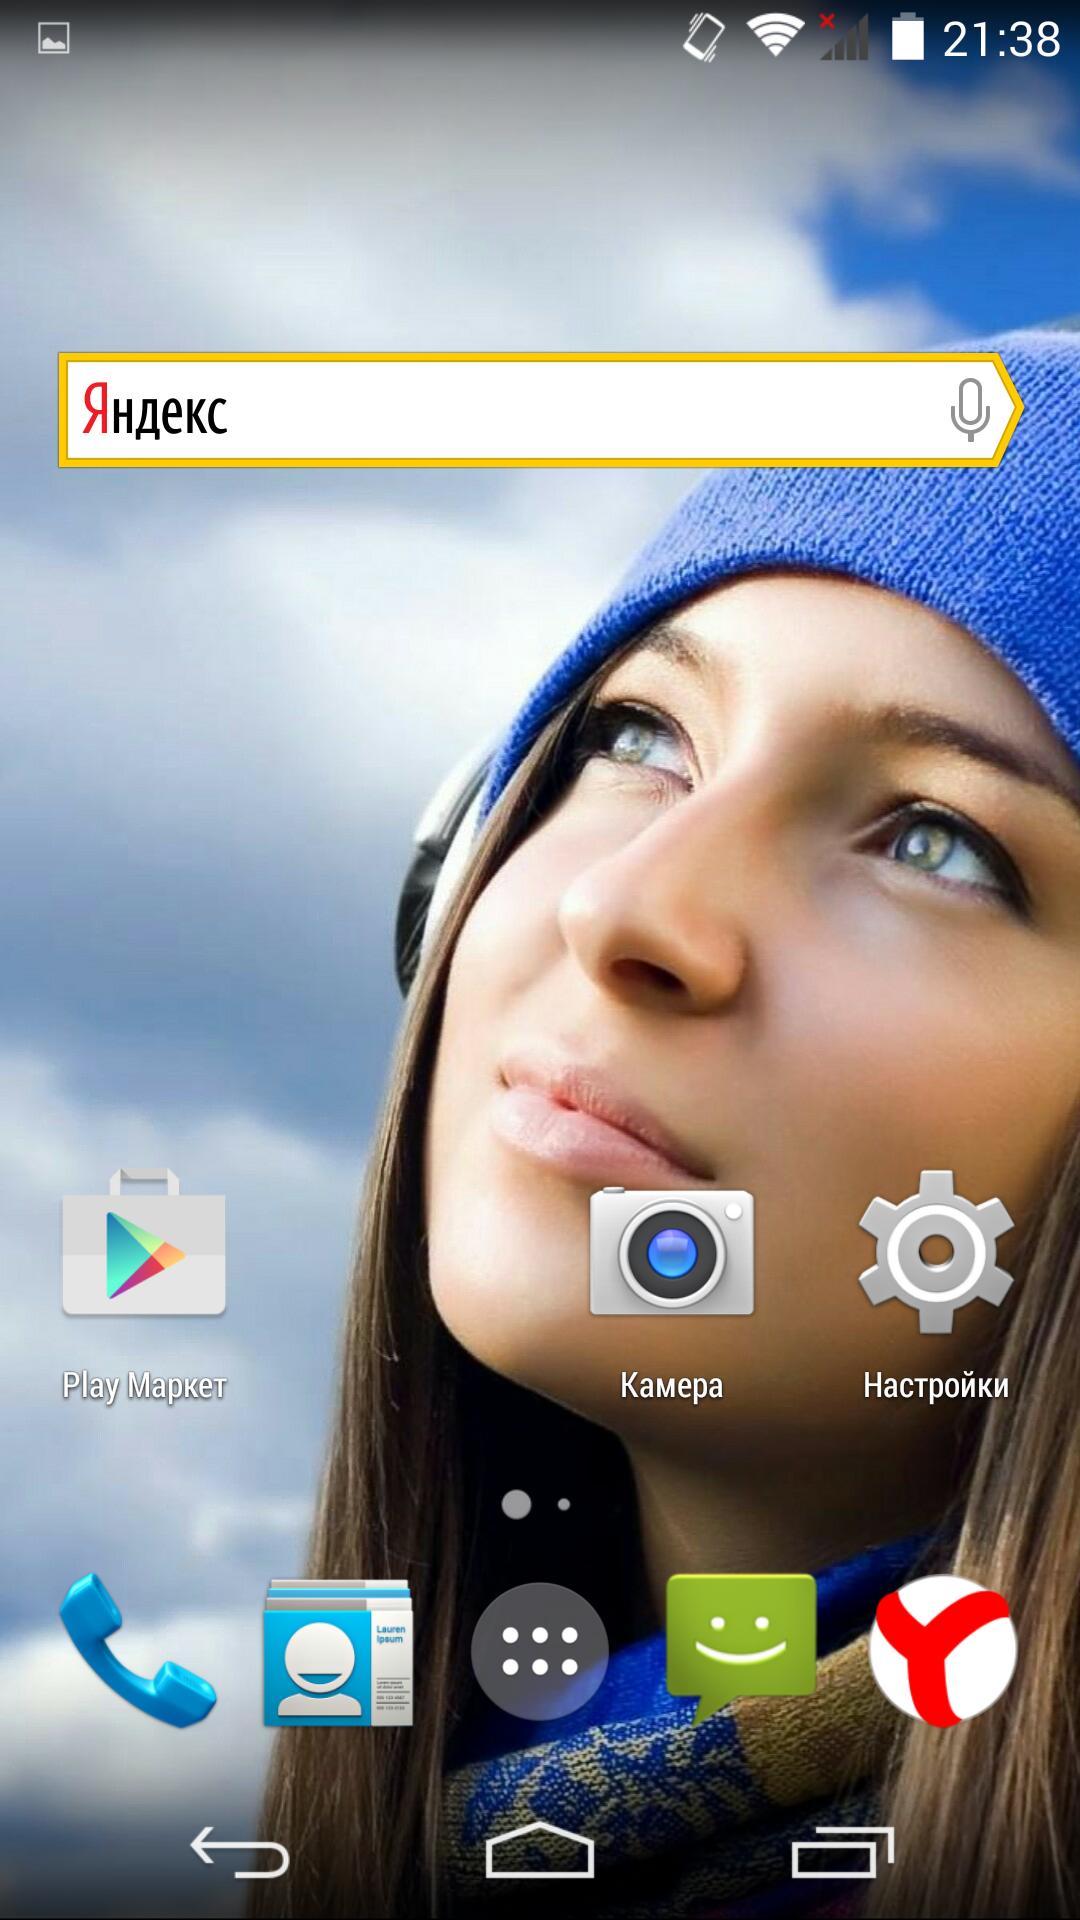 Единственный бюджетный флагман с приличной батарейкой и музыкой Hi-Fi: обзор смартфона DEXP Ixion X250 OctaVa - 29